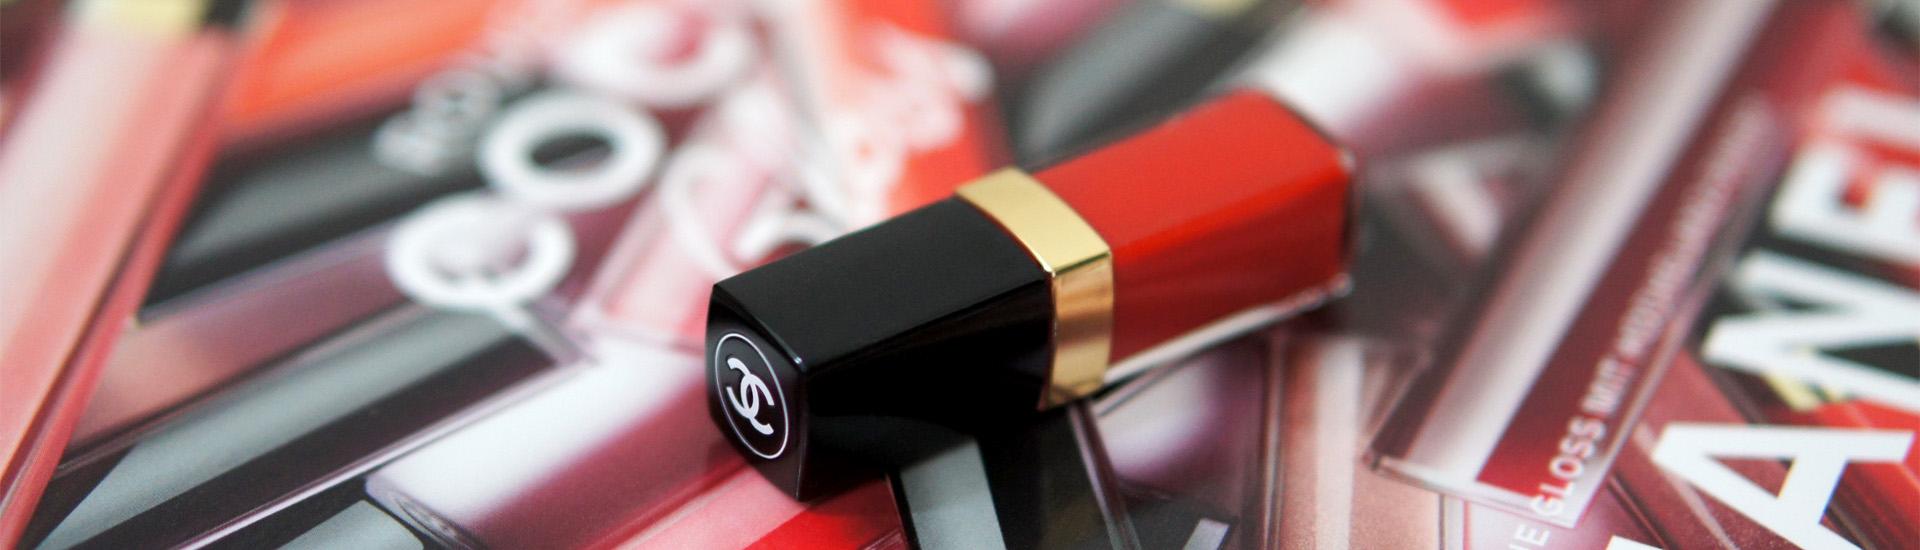 Мини-блеск Chanel Rouge Coco Gloss: очарование малых форм